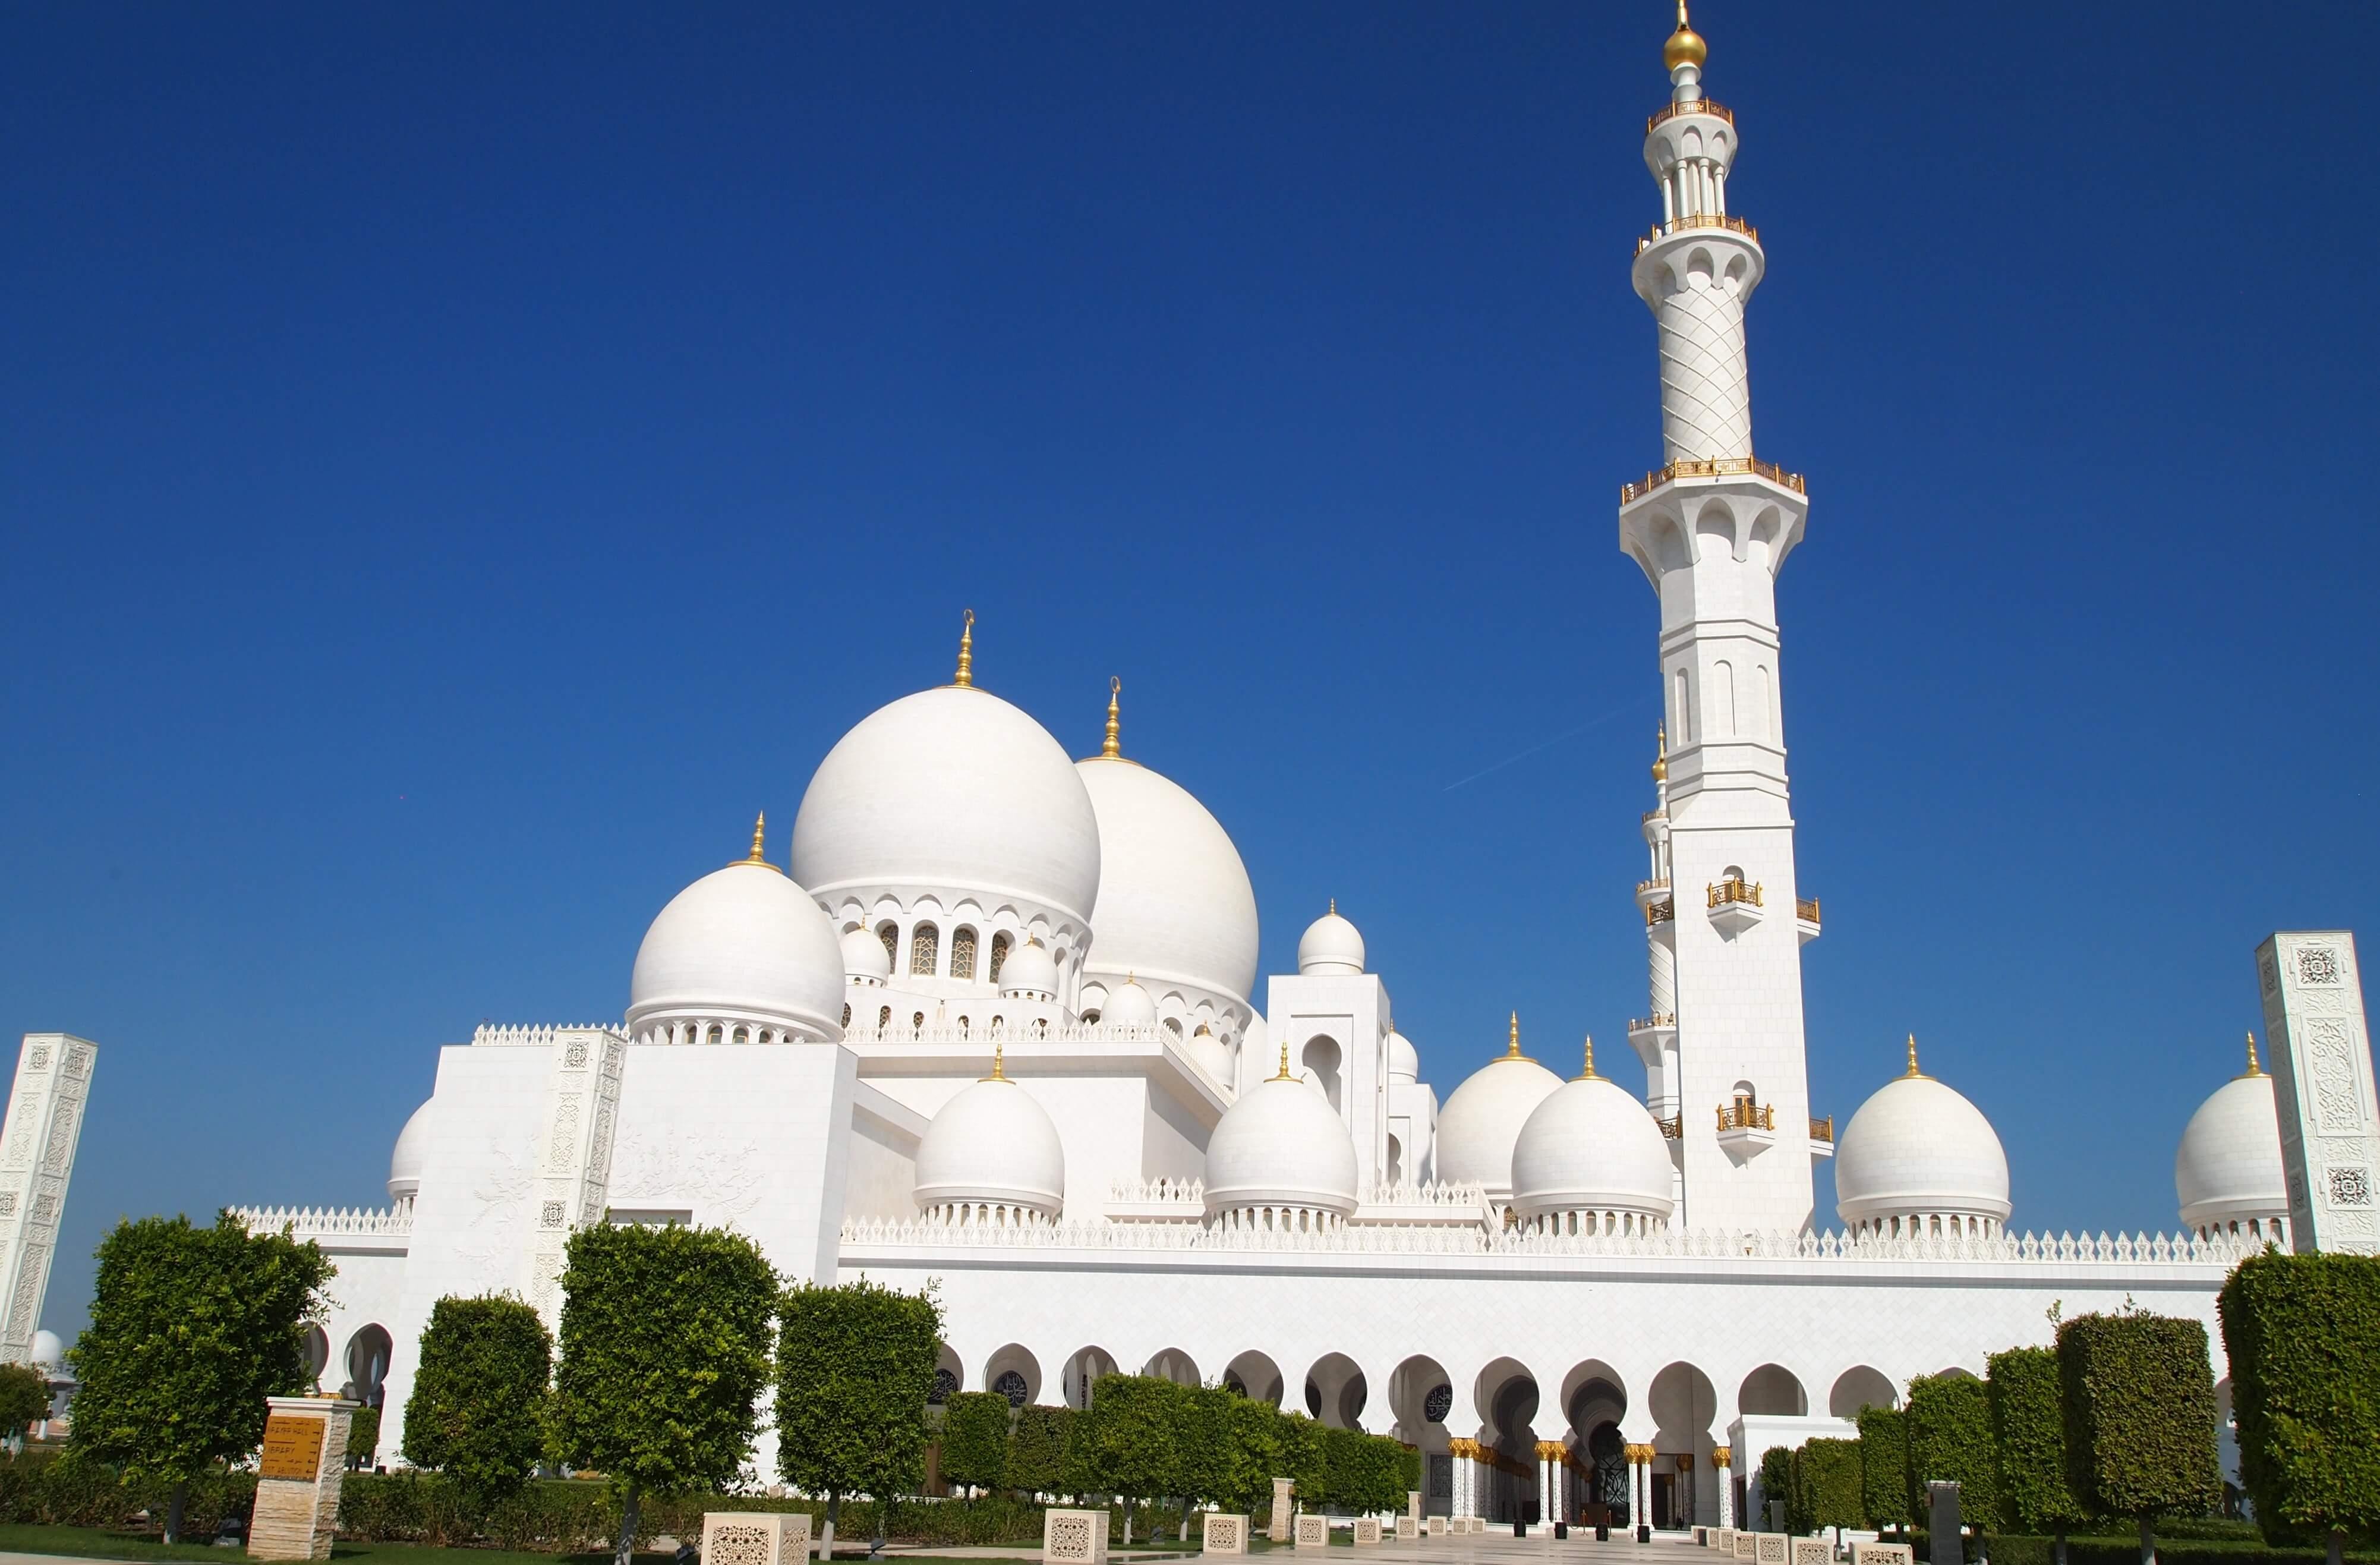 Sheikh Zayed Bin Sultan Al Nahyan Camii